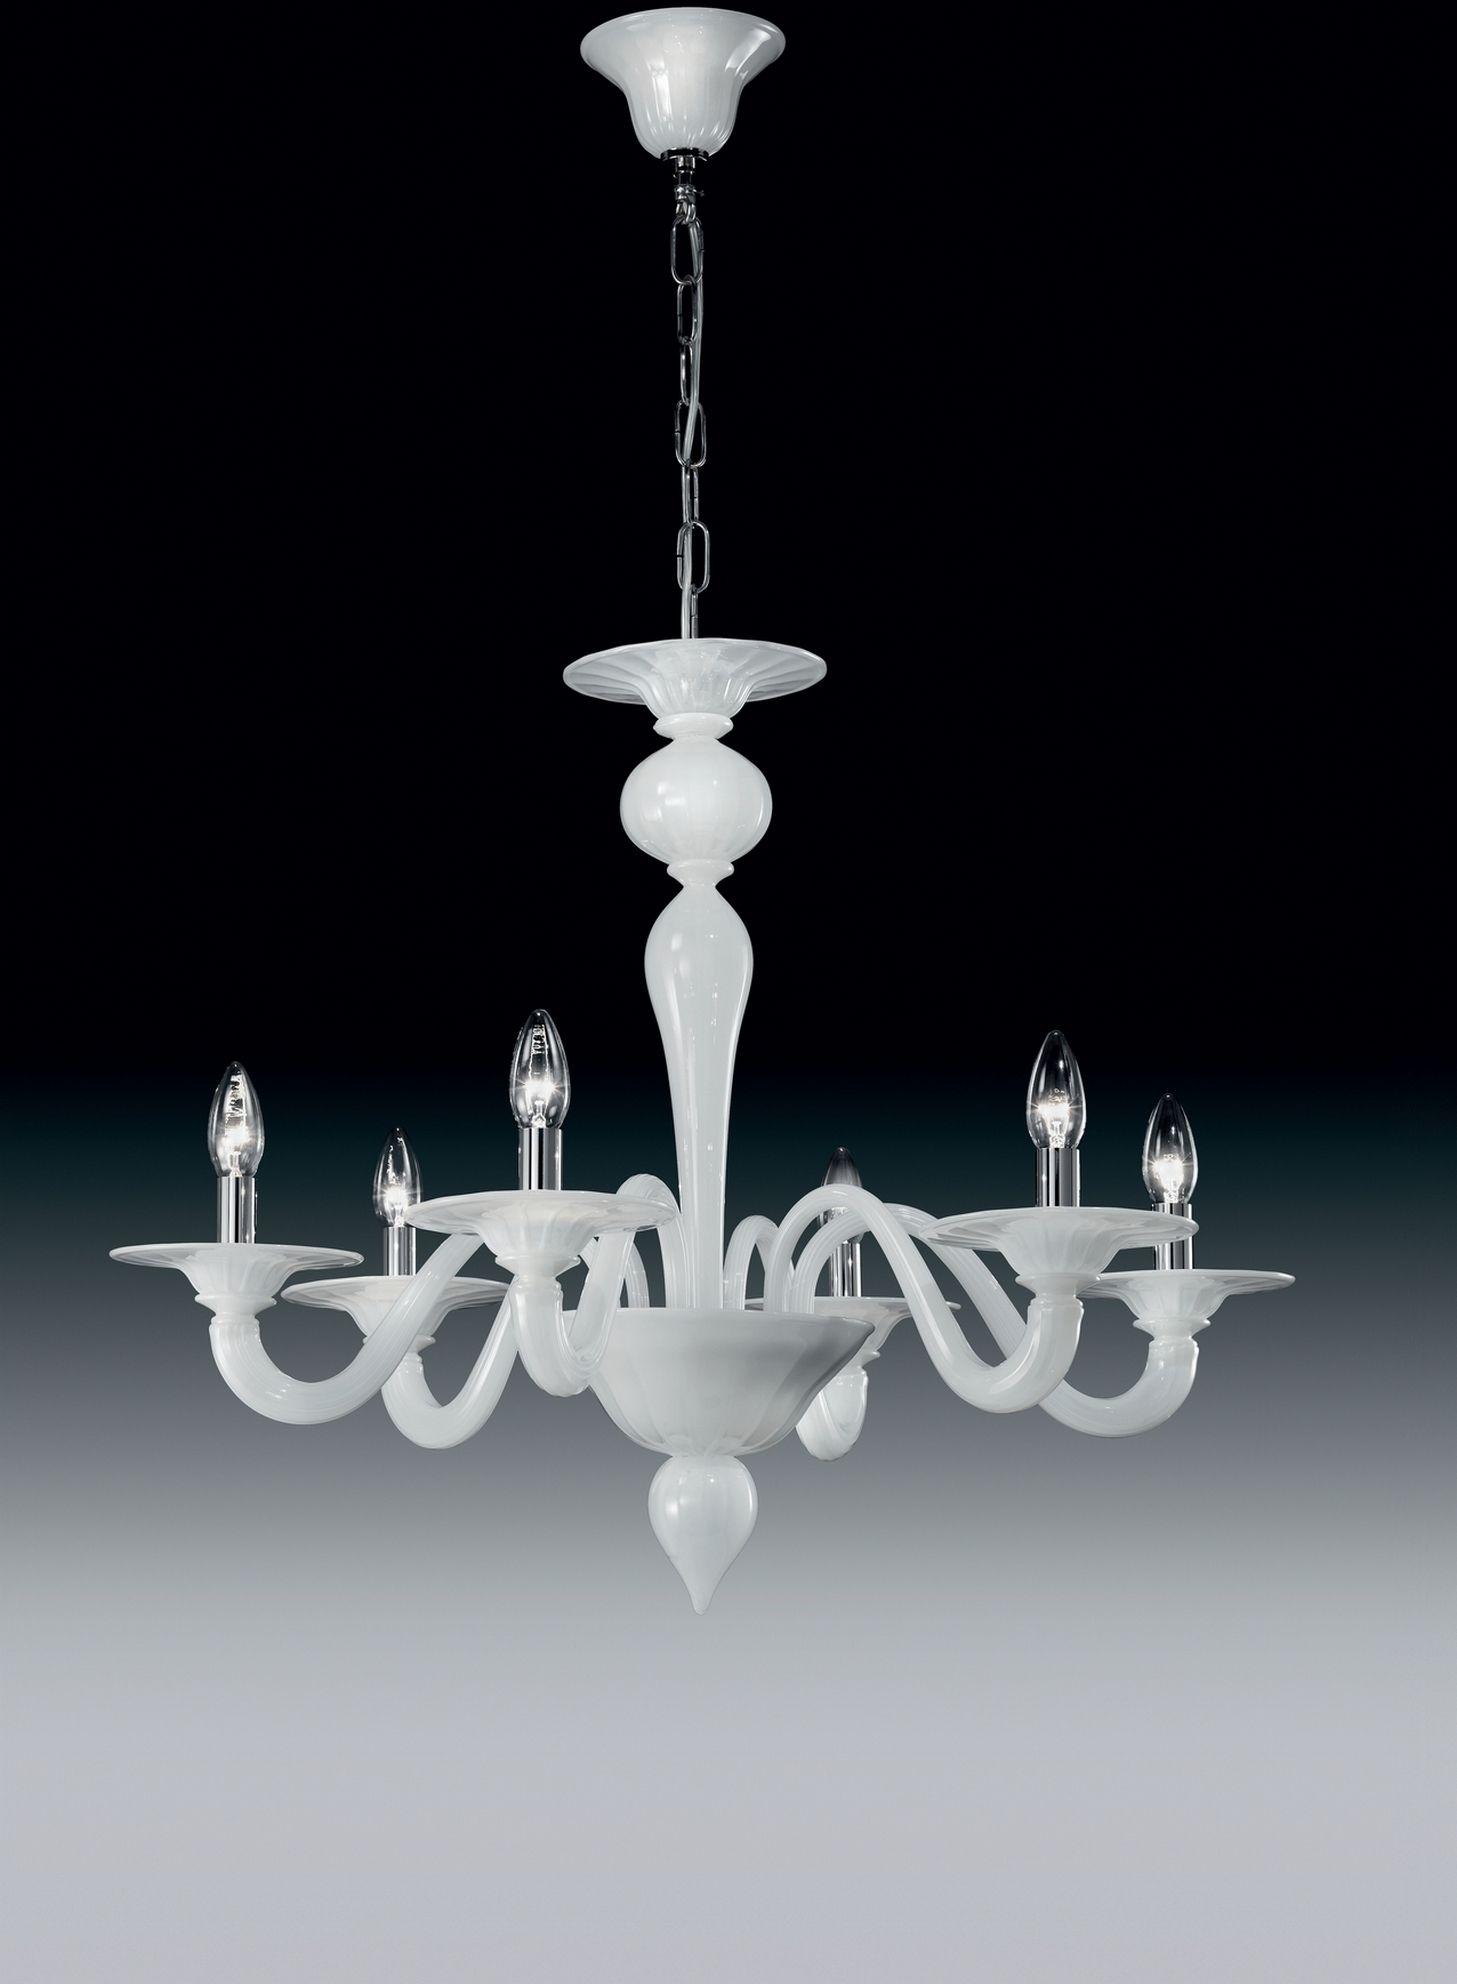 Lampadario 6 luci in vetro soffiato bianco e componenti in